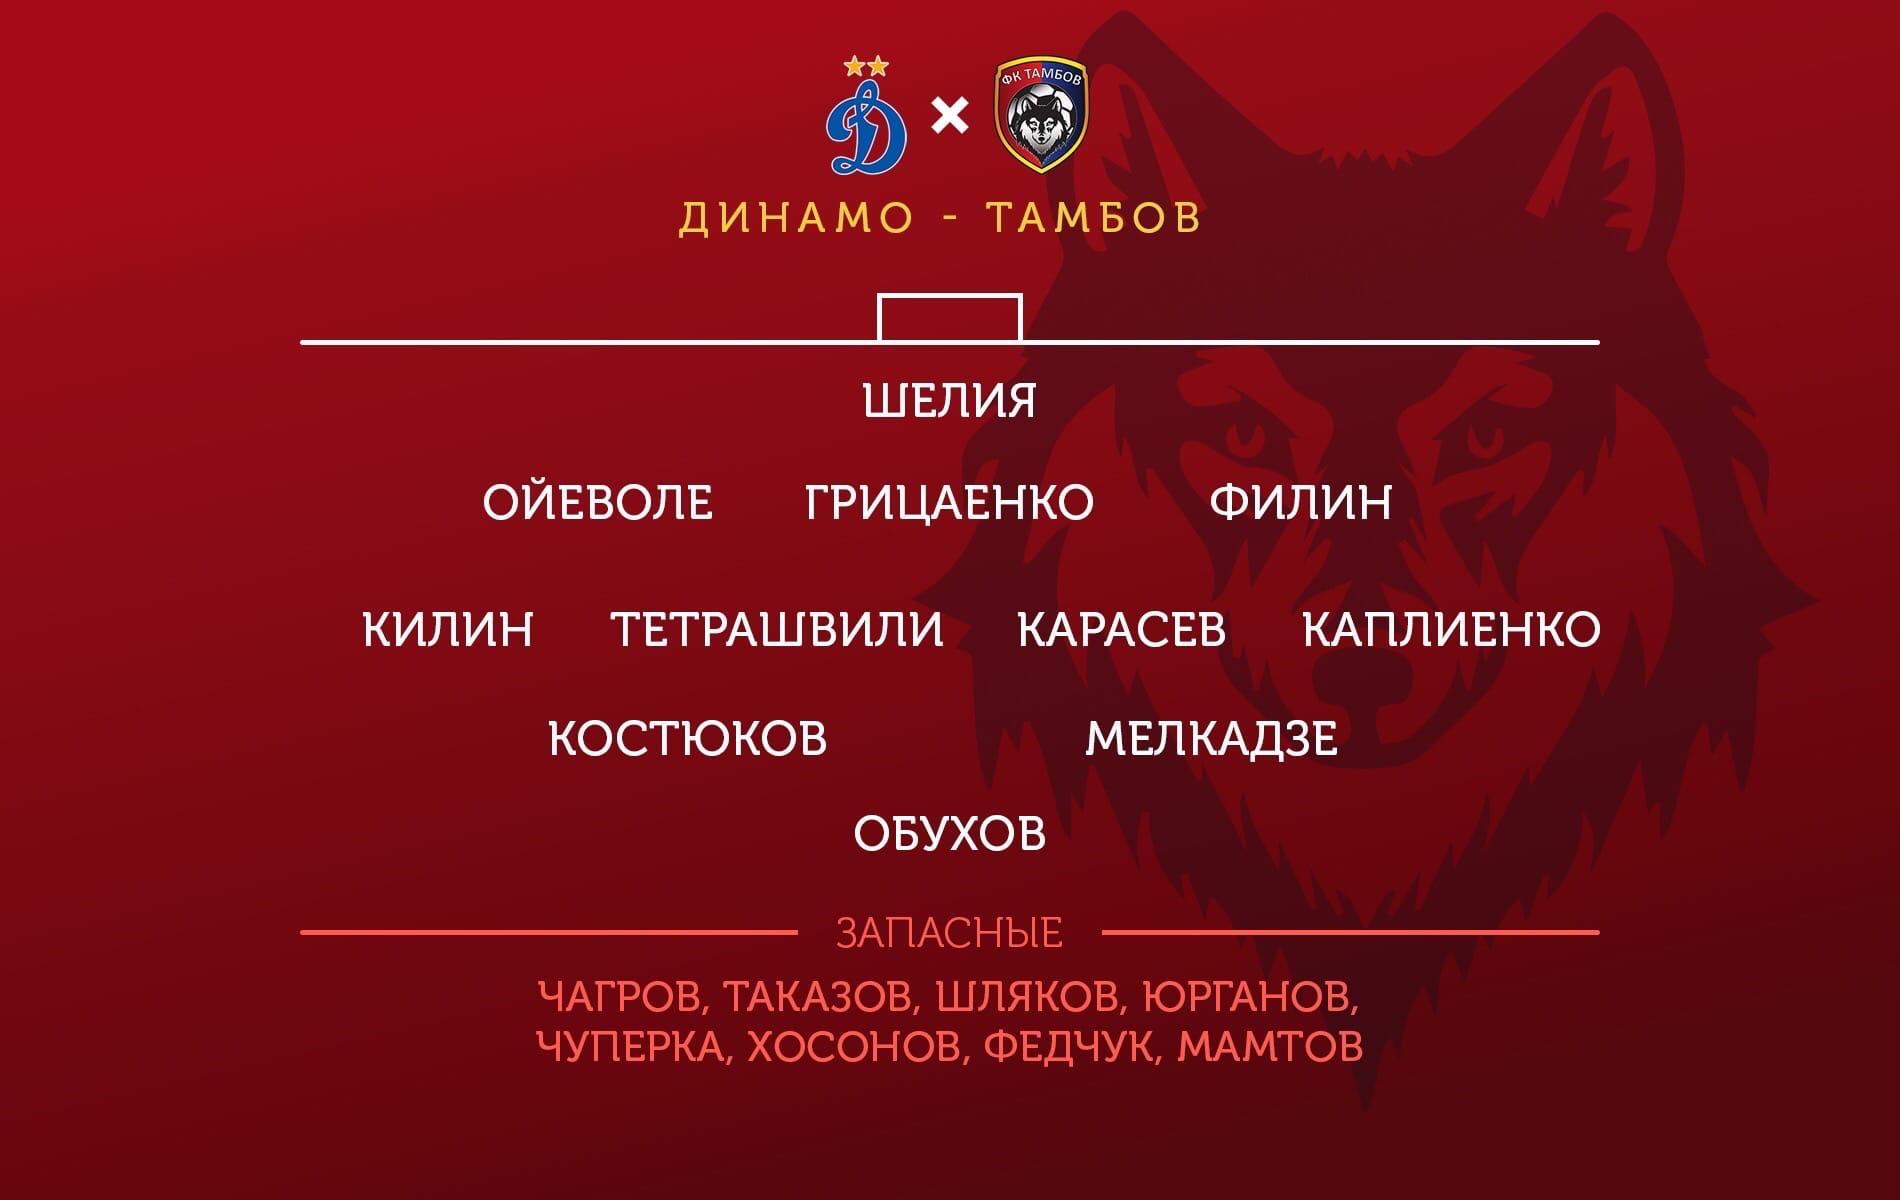 Динамо (Москва) - Тамбов (Тамбов) 1:0. Нажмите, чтобы посмотреть истинный размер рисунка